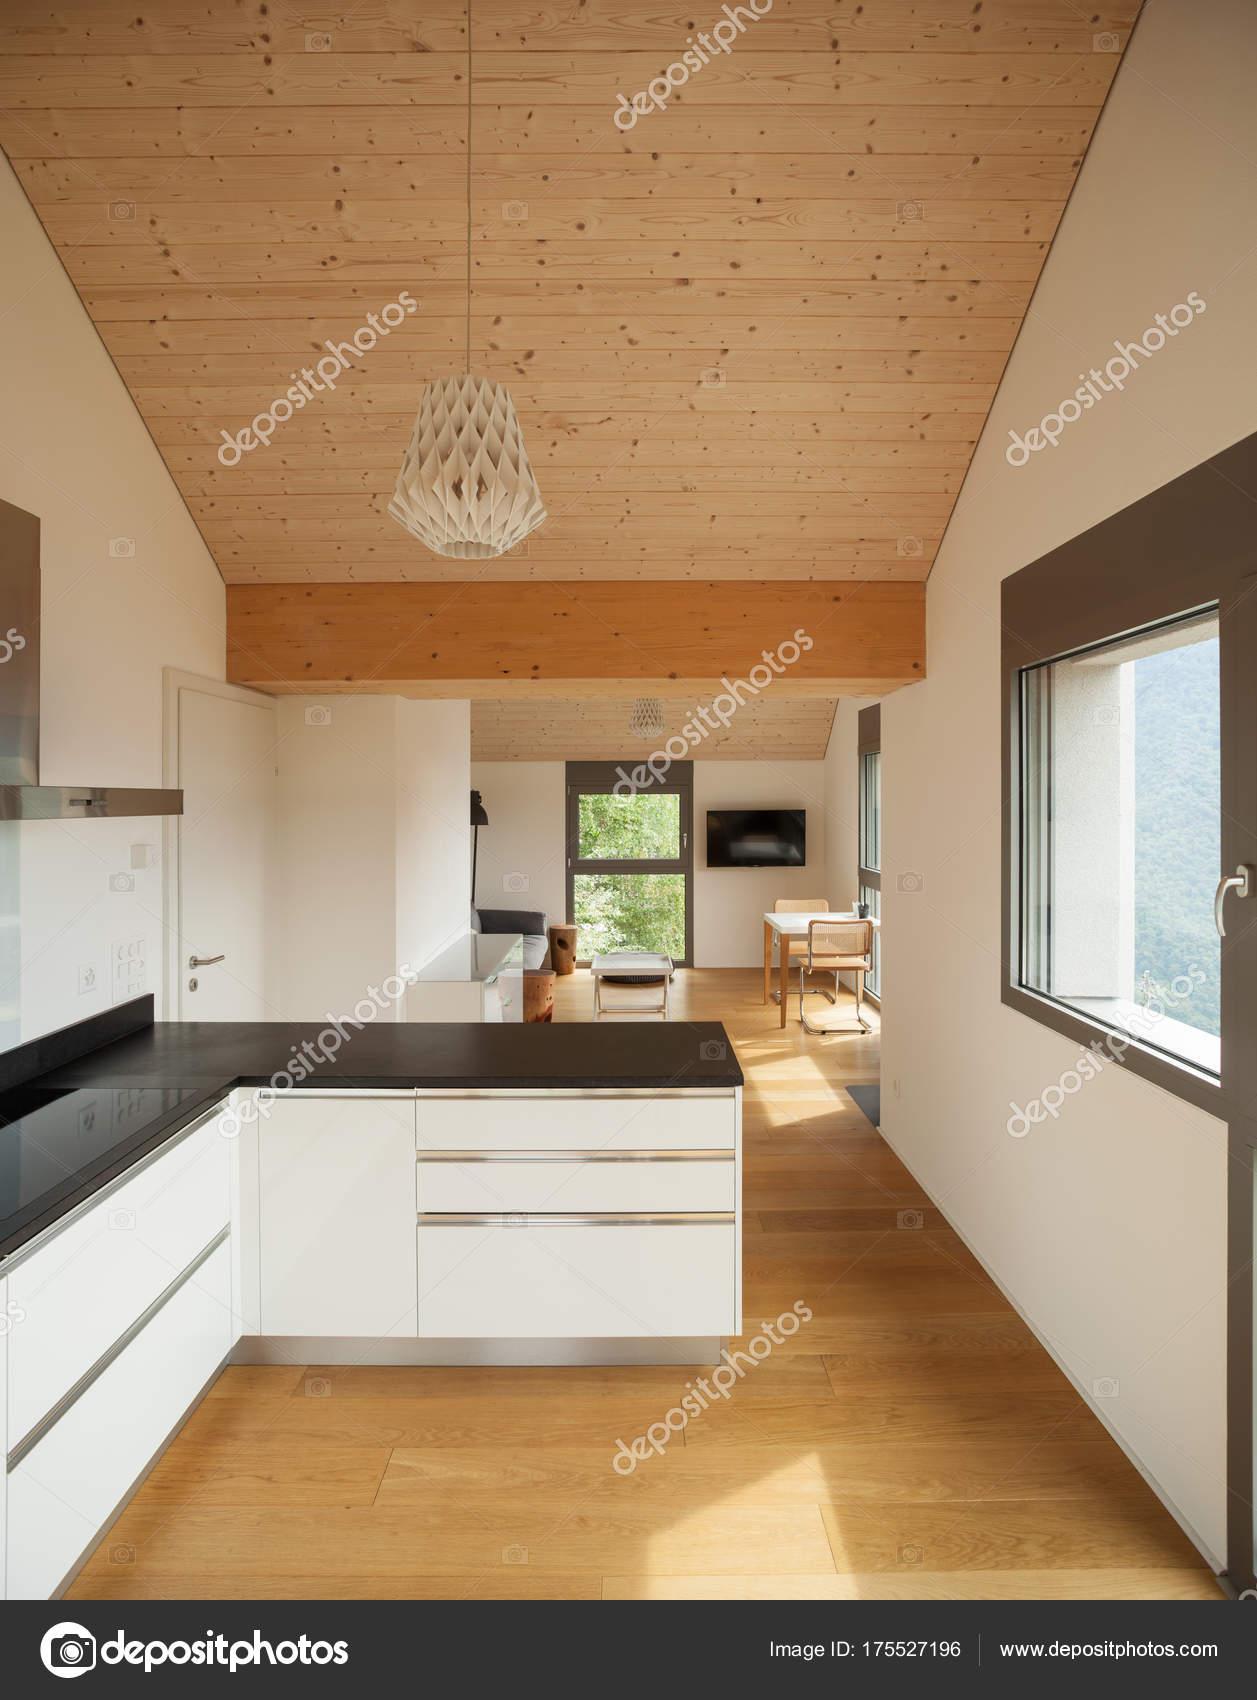 Modernes Haus, Design des Interieurs — Stockfoto © Zveiger #175527196